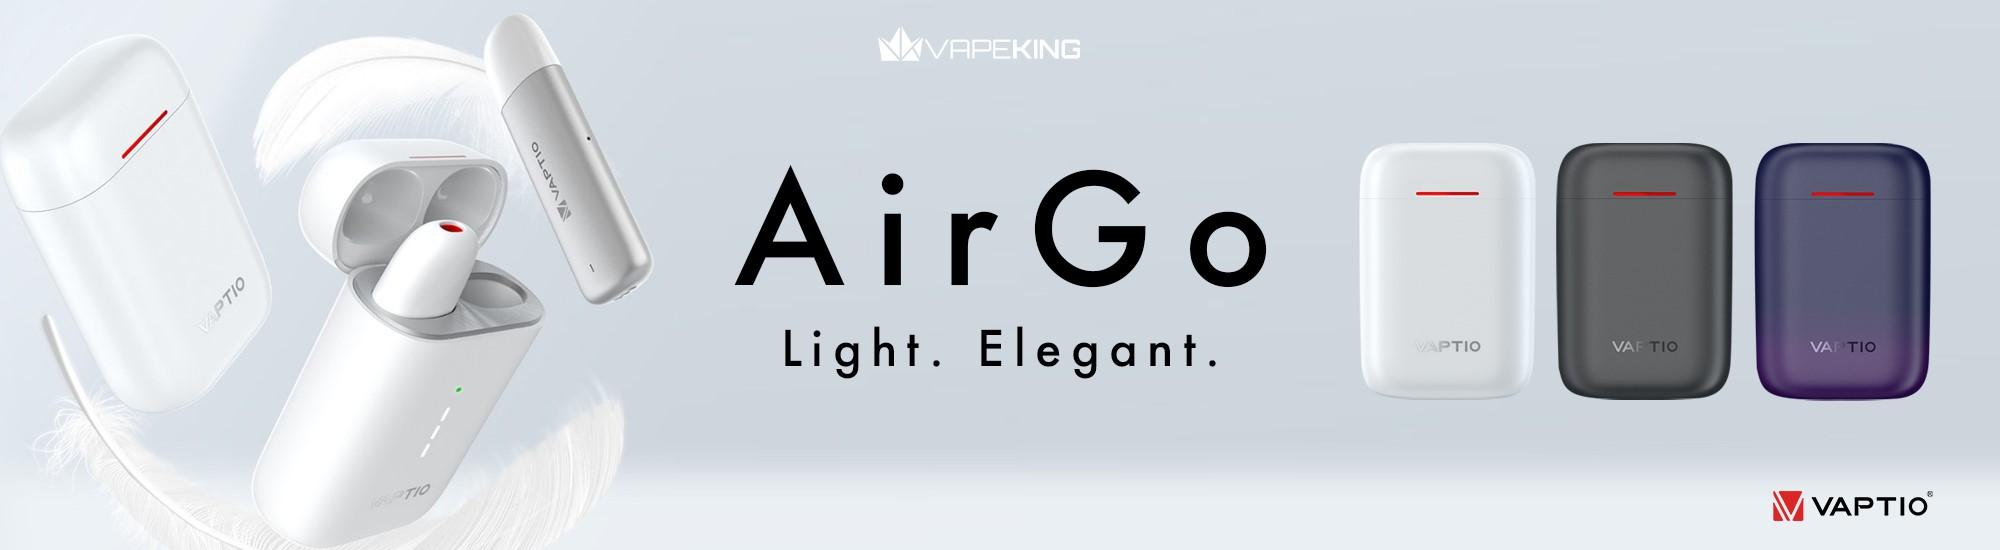 airgo.jpg